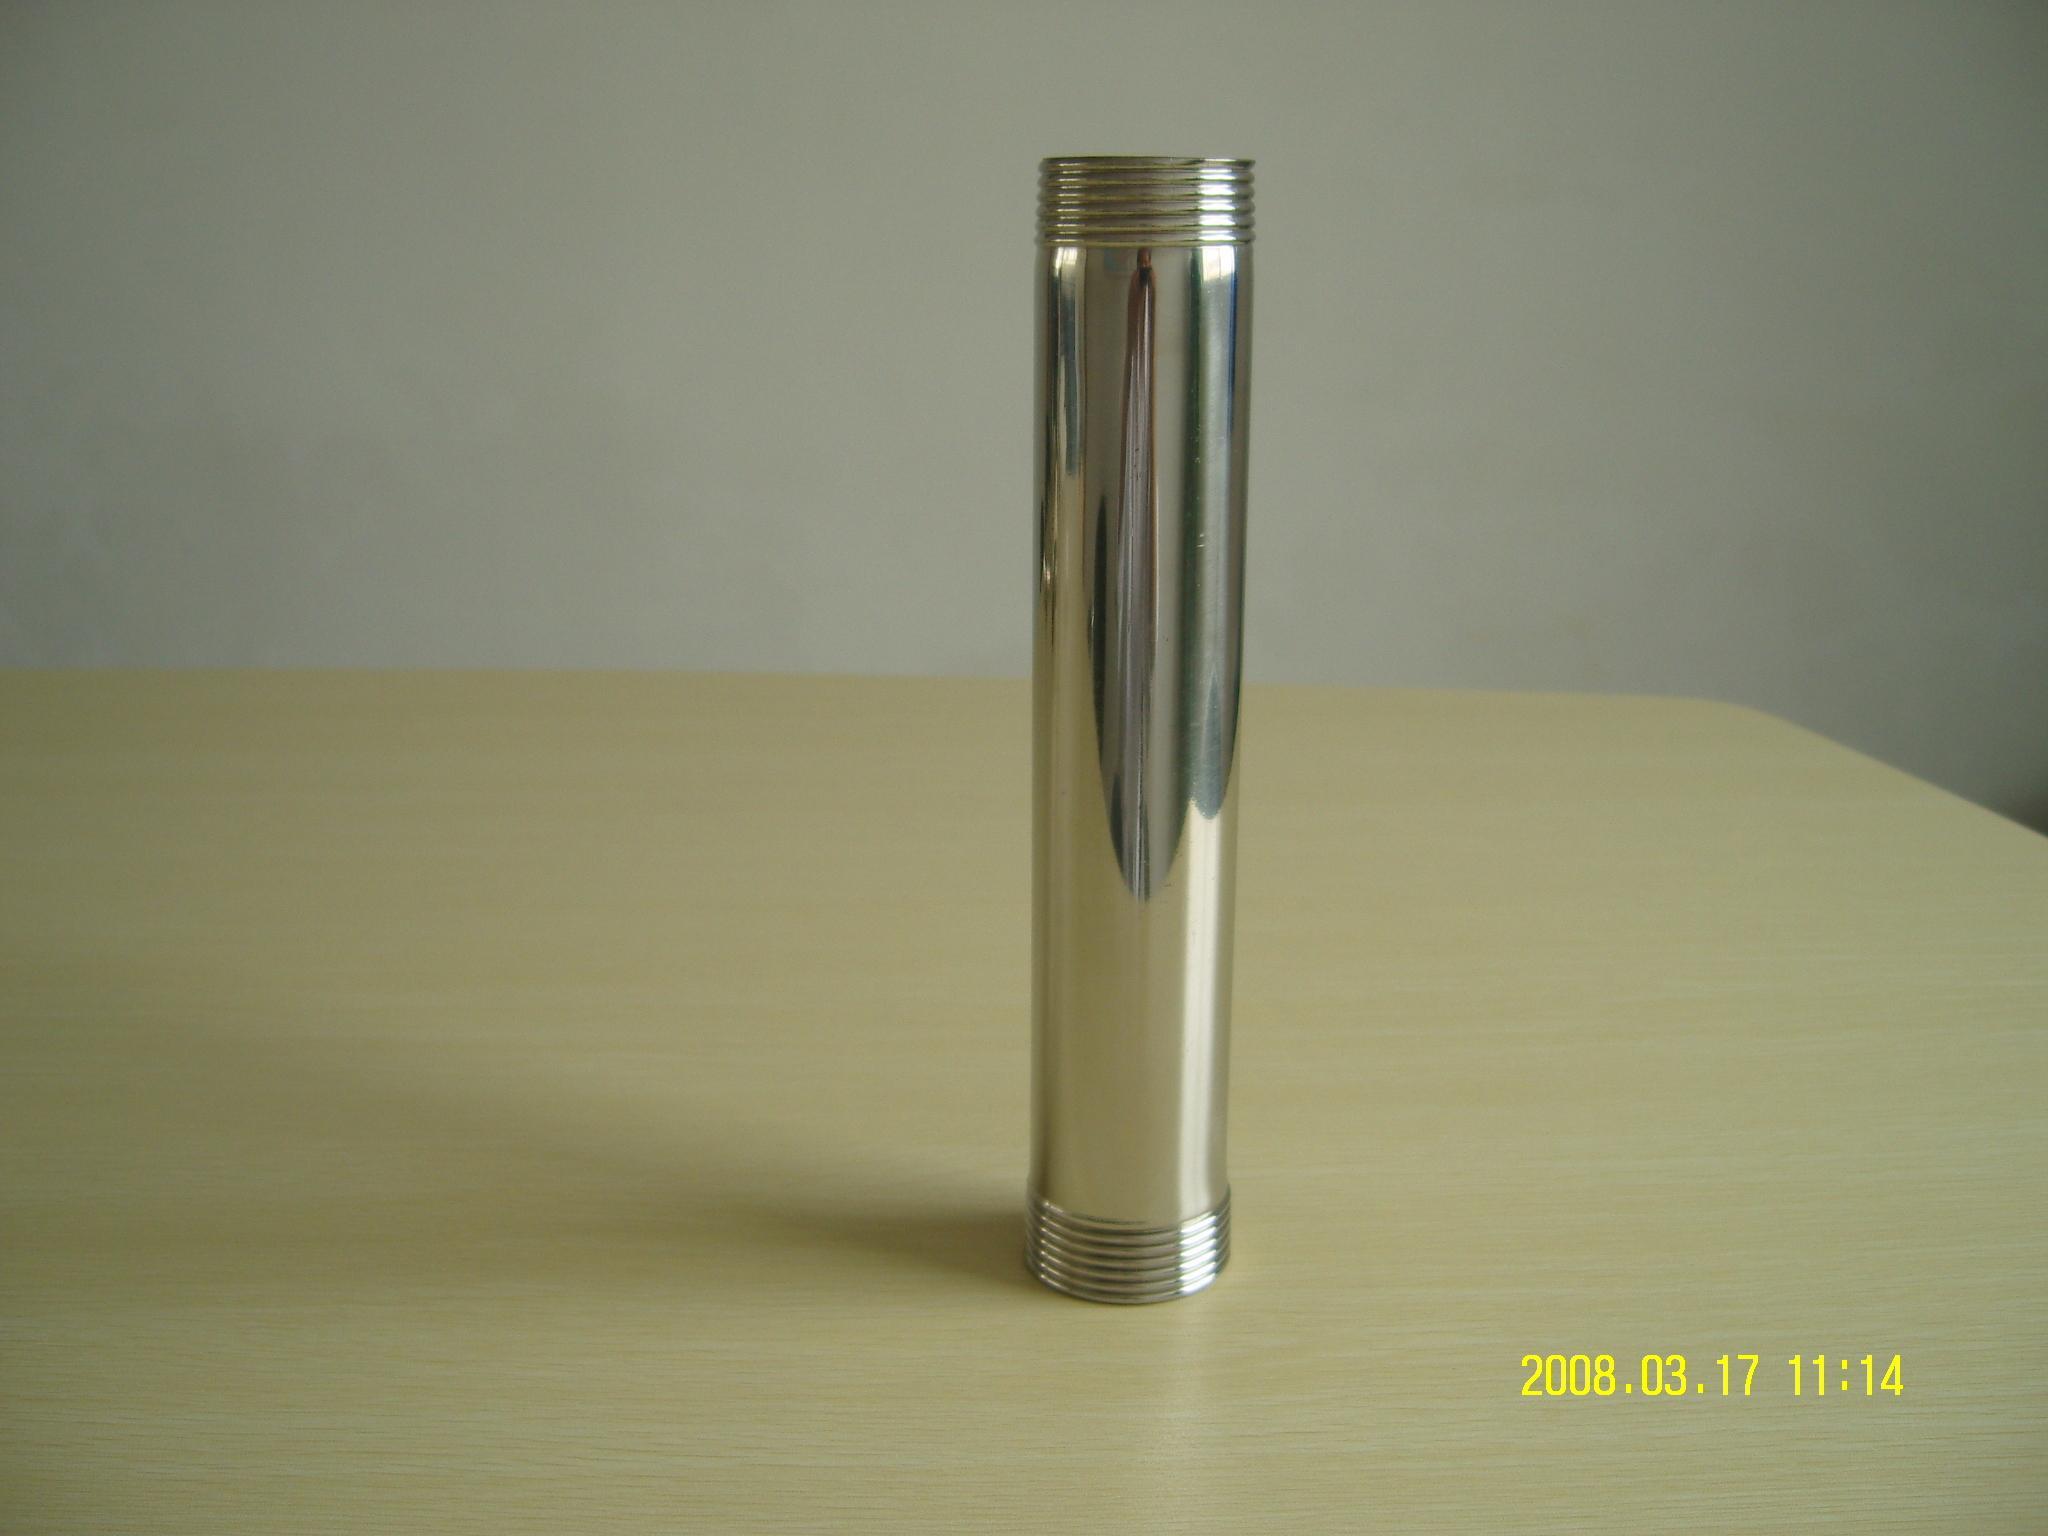 锥螺纹 式薄壁 不锈钢管 它的 螺纹 连接口的强度可高清图片